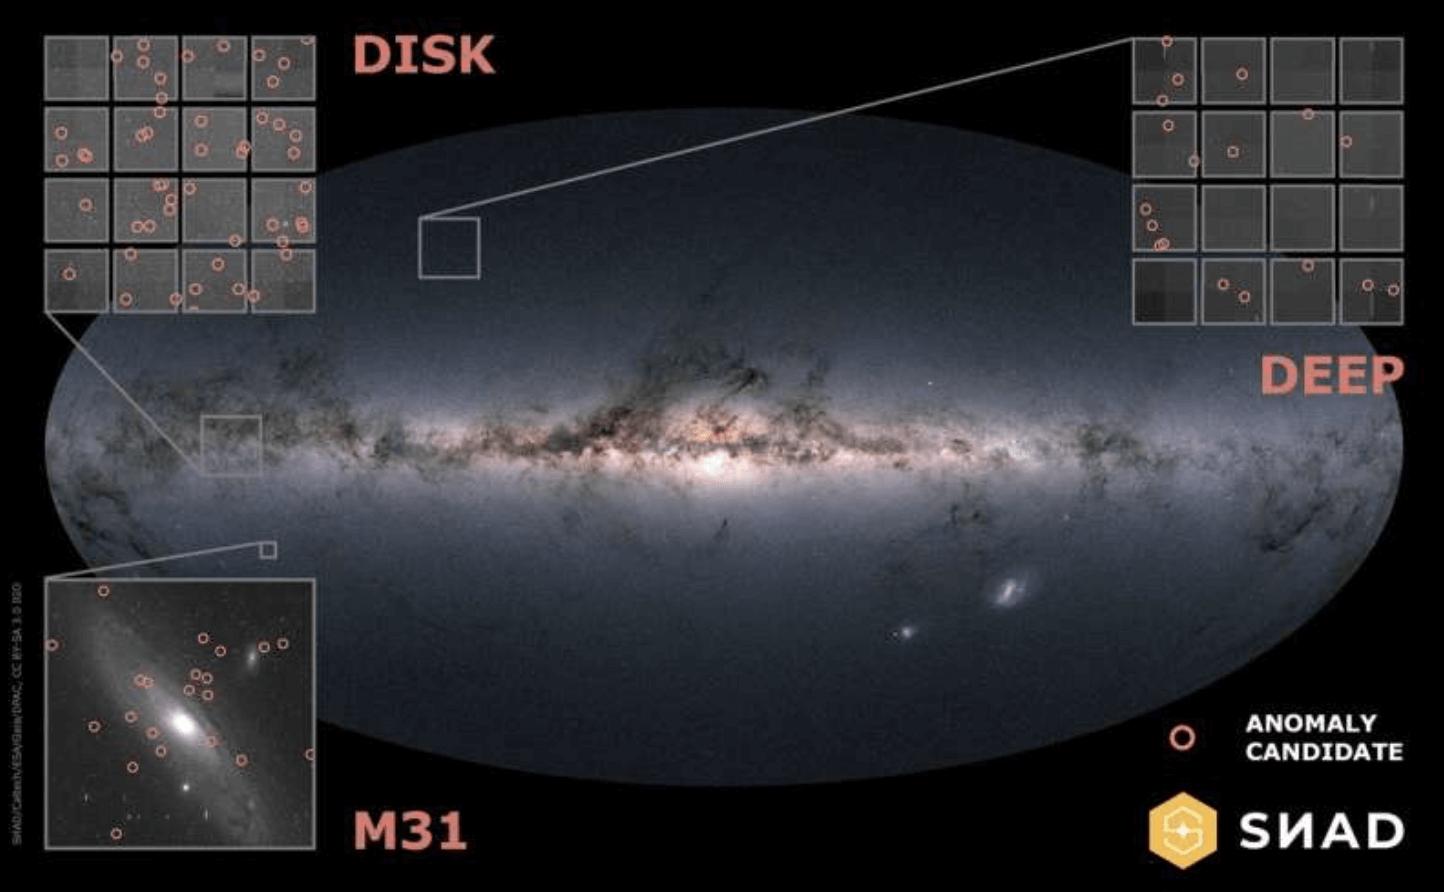 На рисунке отмечены три поля обзора Zwicky Transient Facility, в которых команда исследователей SNAD искала аномальные объекты